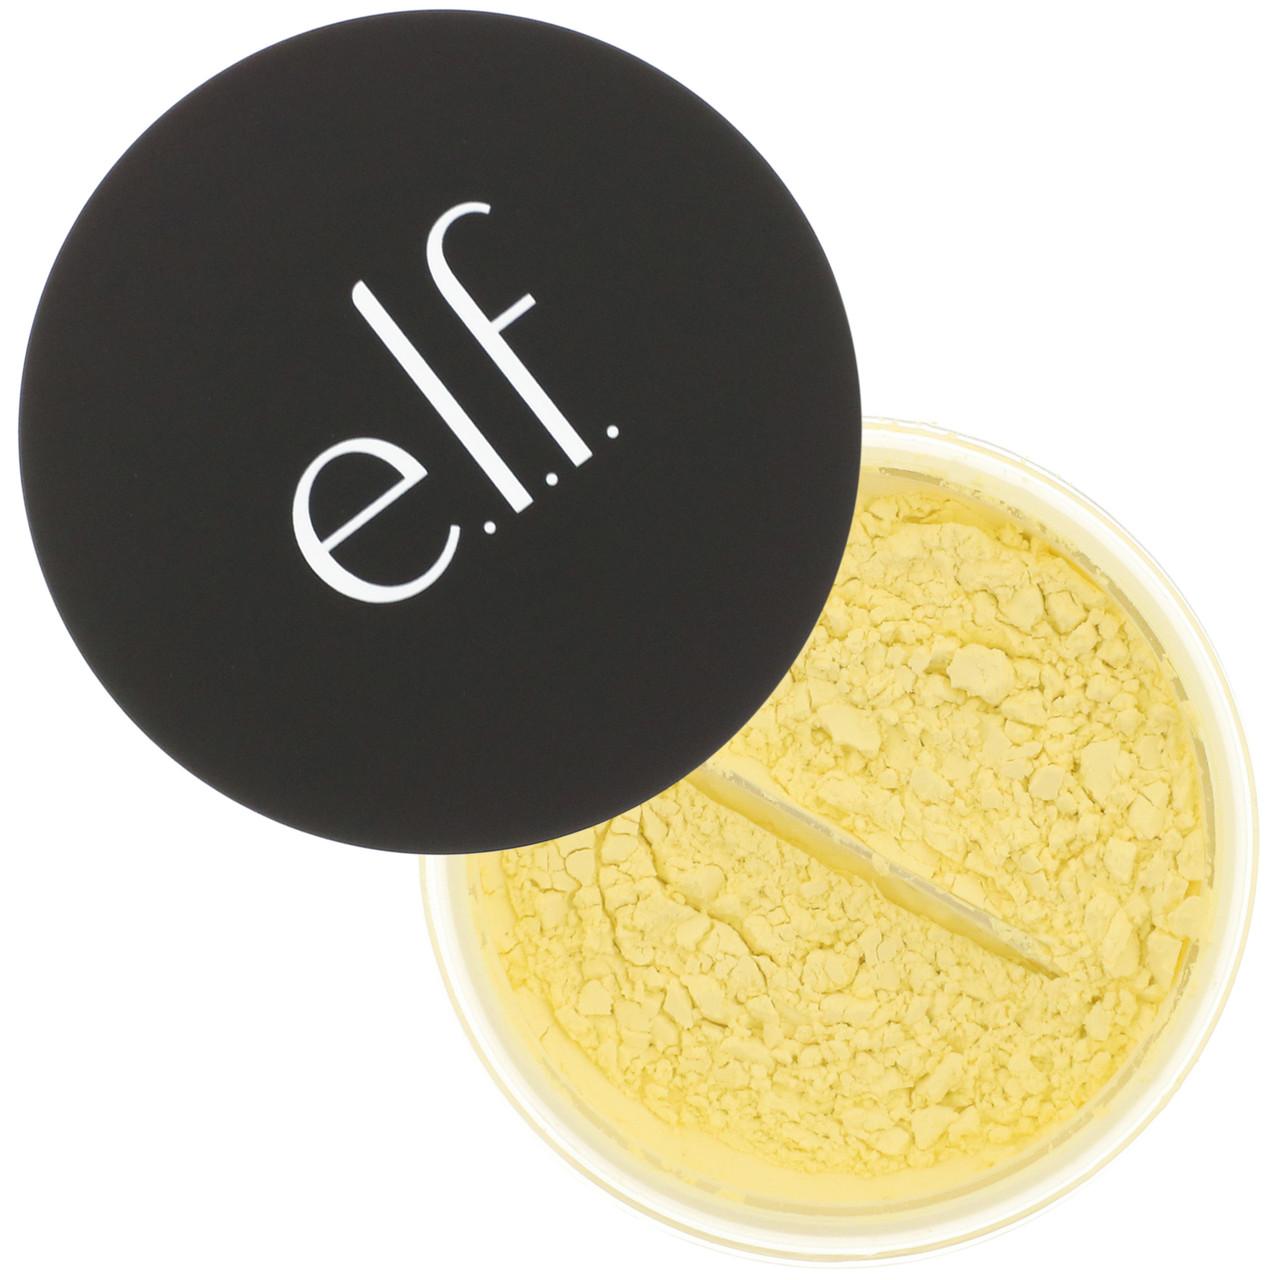 Рассыпчатая пудра для лица, E.L.F. Cosmetics, корректирующая желтая 8 г